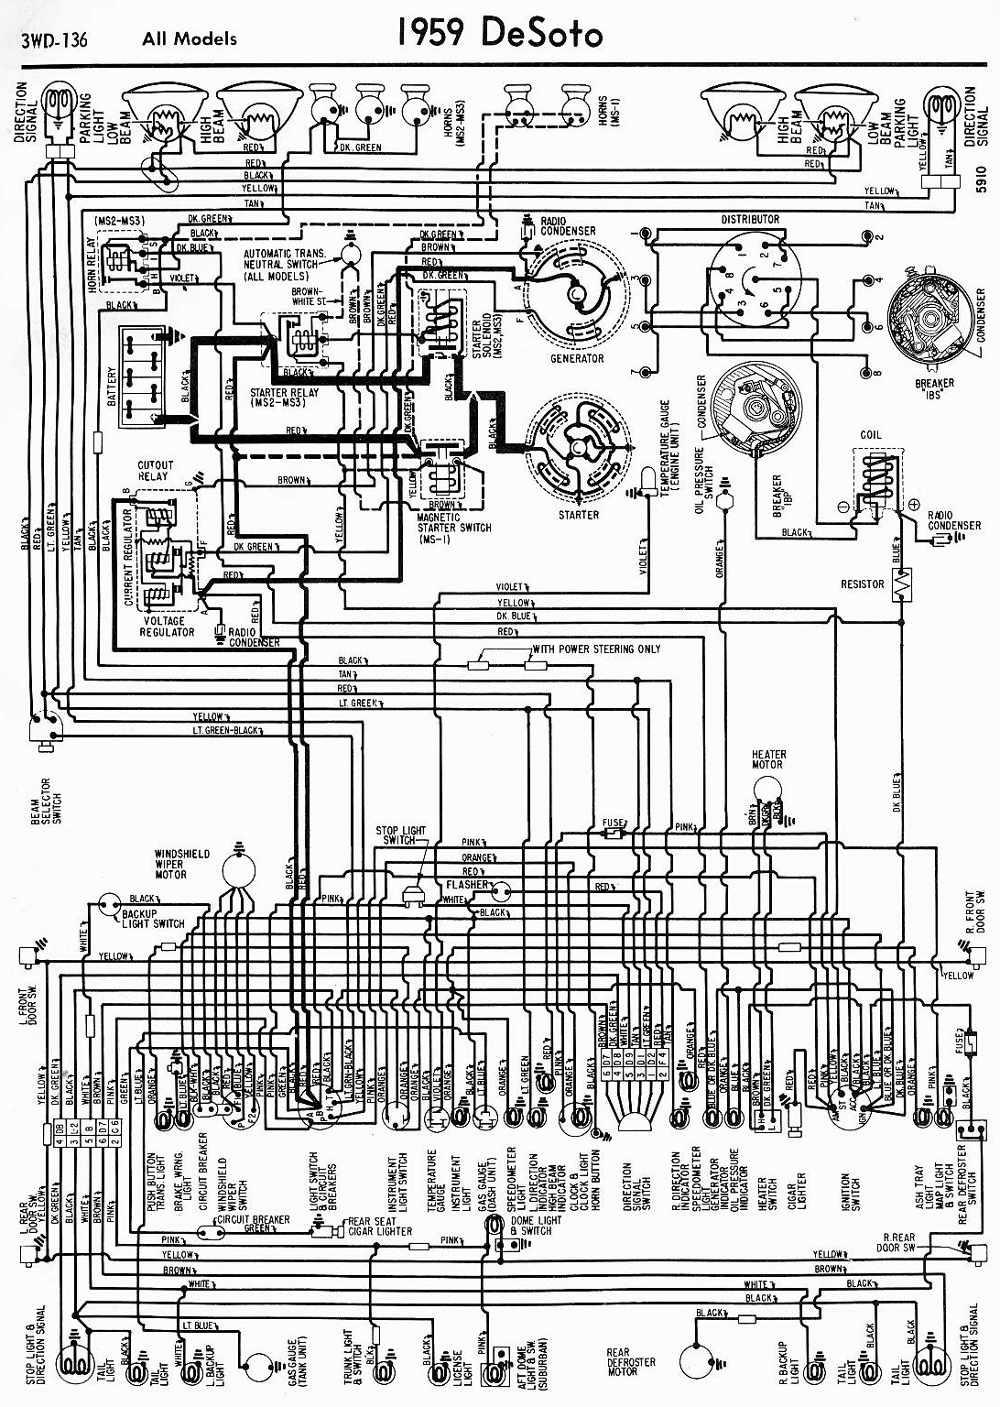 1949 desoto wiring diagrams wiring diagrams wiring diagrams of 1959 desoto all models t 1508403749 1949 desoto wiring diagrams [ 1000 x 1407 Pixel ]